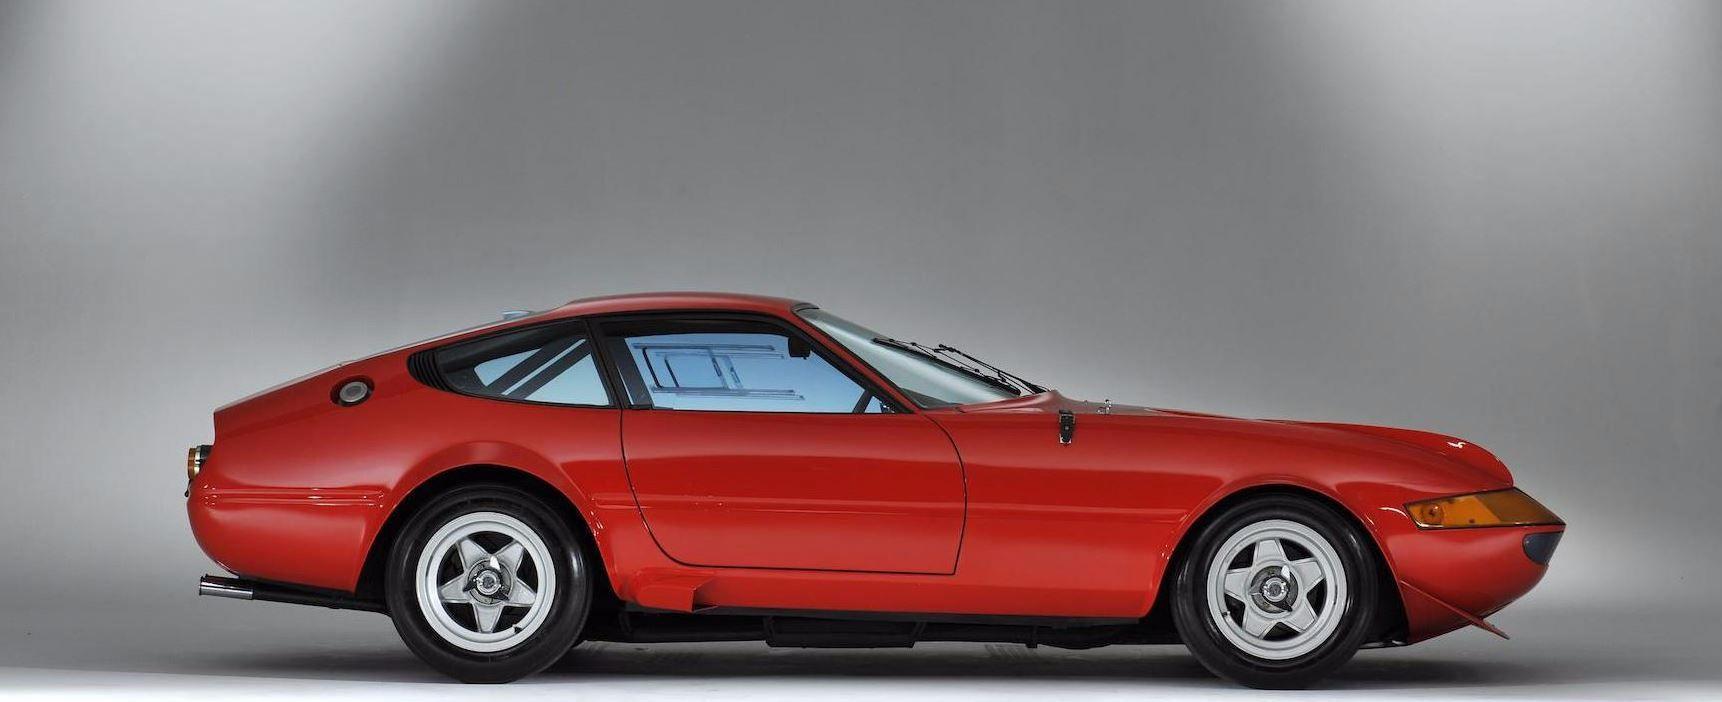 1969 Ferrari 365 Gtb  4  U0026 39 Daytona U0026 39  Berlinetta Competizione